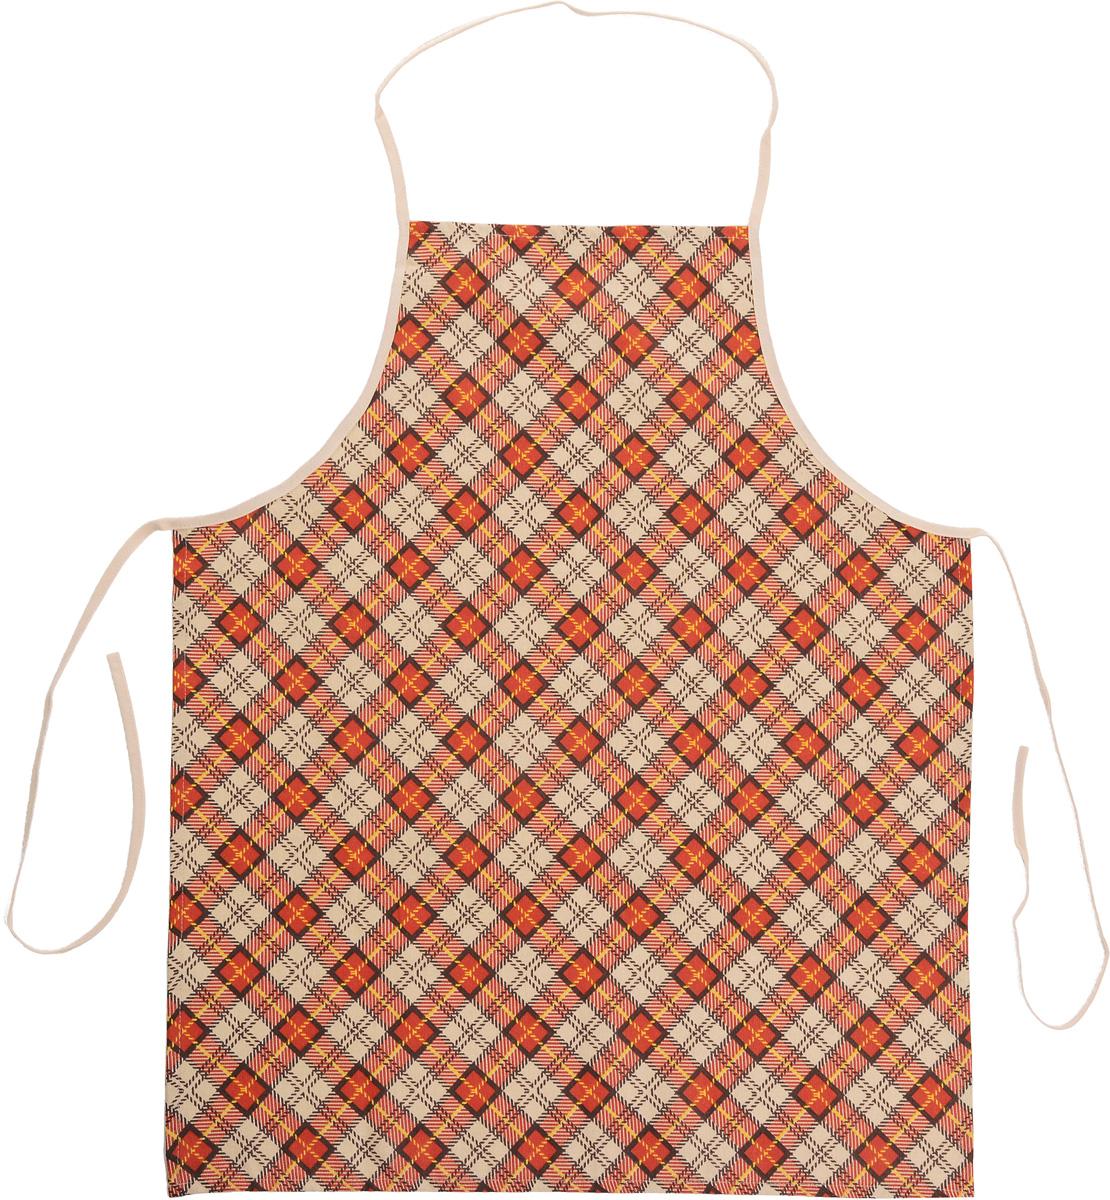 Фартук Bonita Принц Уэльский, 56 х 67 смVT-1520(SR)Фартук Bonita Принц Уэльский изготовлен из натурального хлопка с покрытием, которое отталкивает грязь, воду и масло. Фартук оснащен завязками. Имеет универсальный размер. Декорирован красивым принтом в клетку, который понравится любой хозяйке.Такой фартук поможет вам избежать попадания еды на одежду во время приготовления пищи. Кухня - это сердце дома, где вся семья собирается вместе. Она бережно хранит и поддерживает жизнь домашнего очага, который нас согревает. Именно поэтому так важно создать здесь атмосферу, которая не только возбудит аппетит, но и наполнит жизненной энергией. С текстилем Bonita открывается возможность не только каждый день дарить кухне новый облик, но и создавать настоящие кулинарные шедевры. Bonita станет незаменимым помощником и идейным вдохновителем, создающим вкусное настроение на вашей кухне.